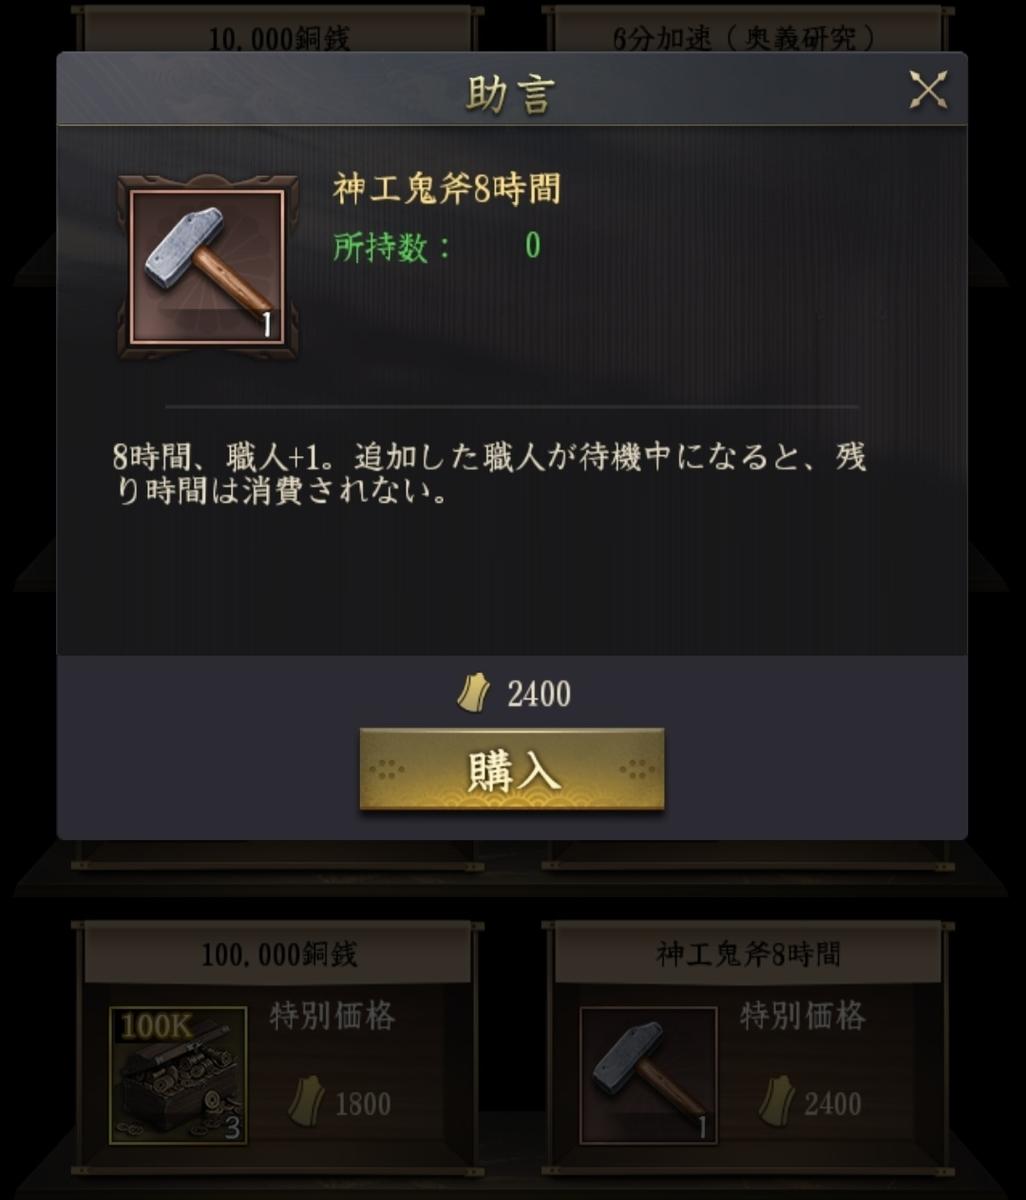 f:id:fukucchimoney:20210225224547j:plain